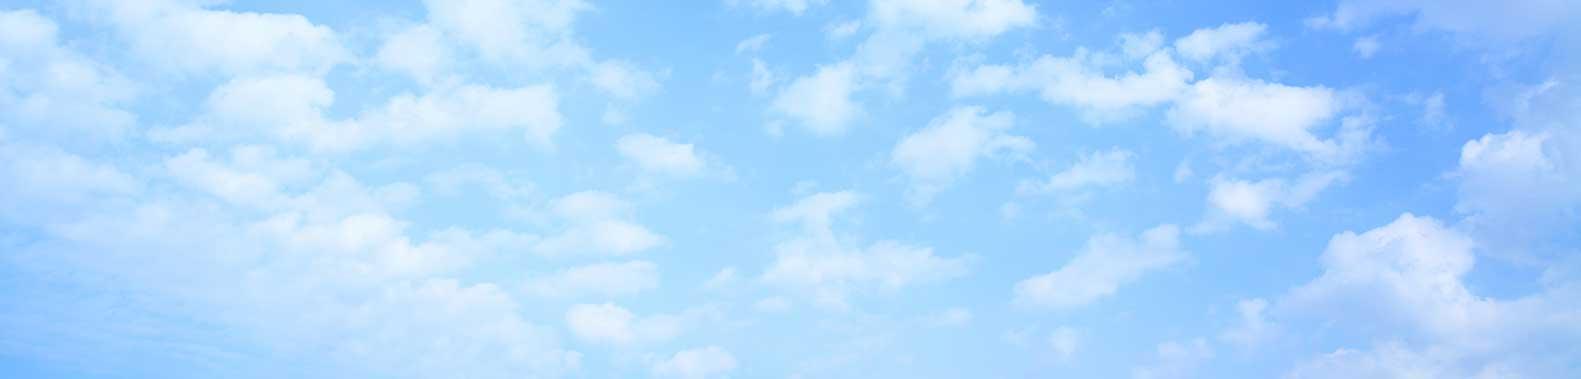 sky-bg-med-res